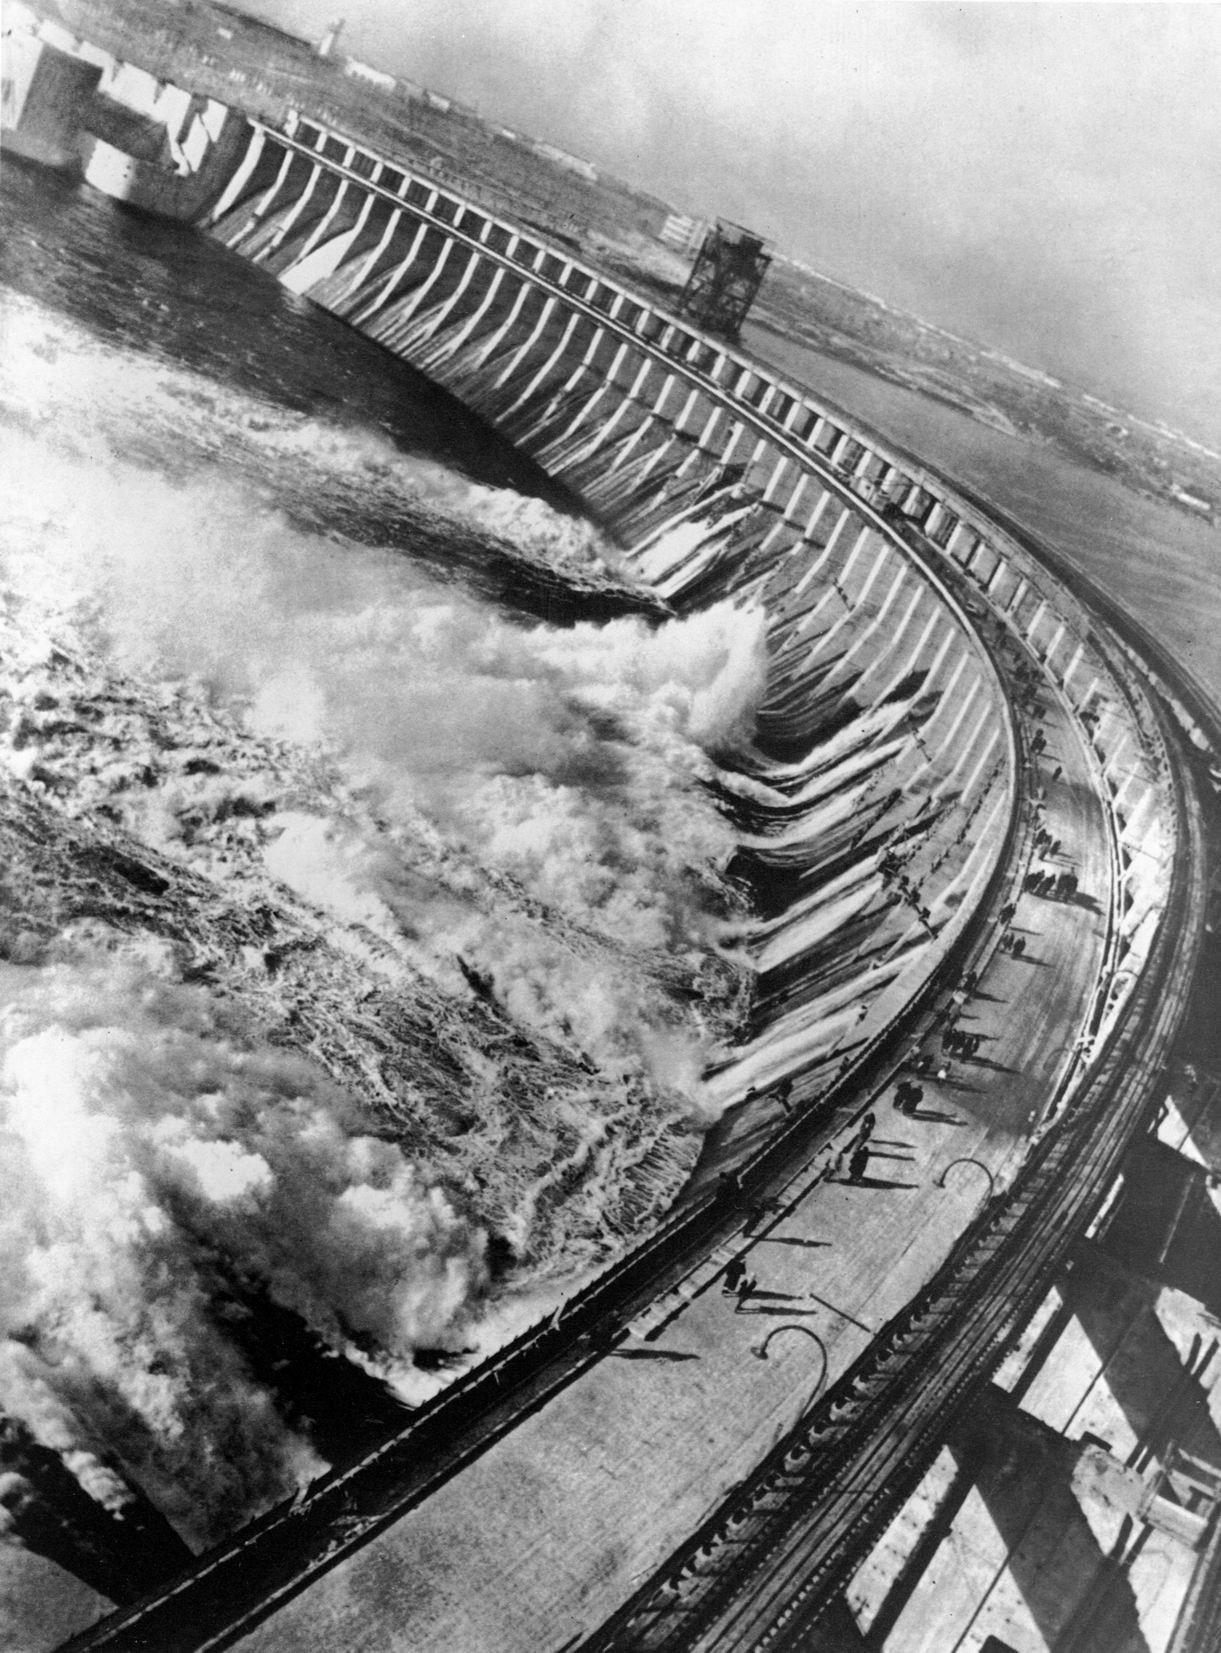 Плотина Днепрогэса, 1932. Фотограф Макс Альперт